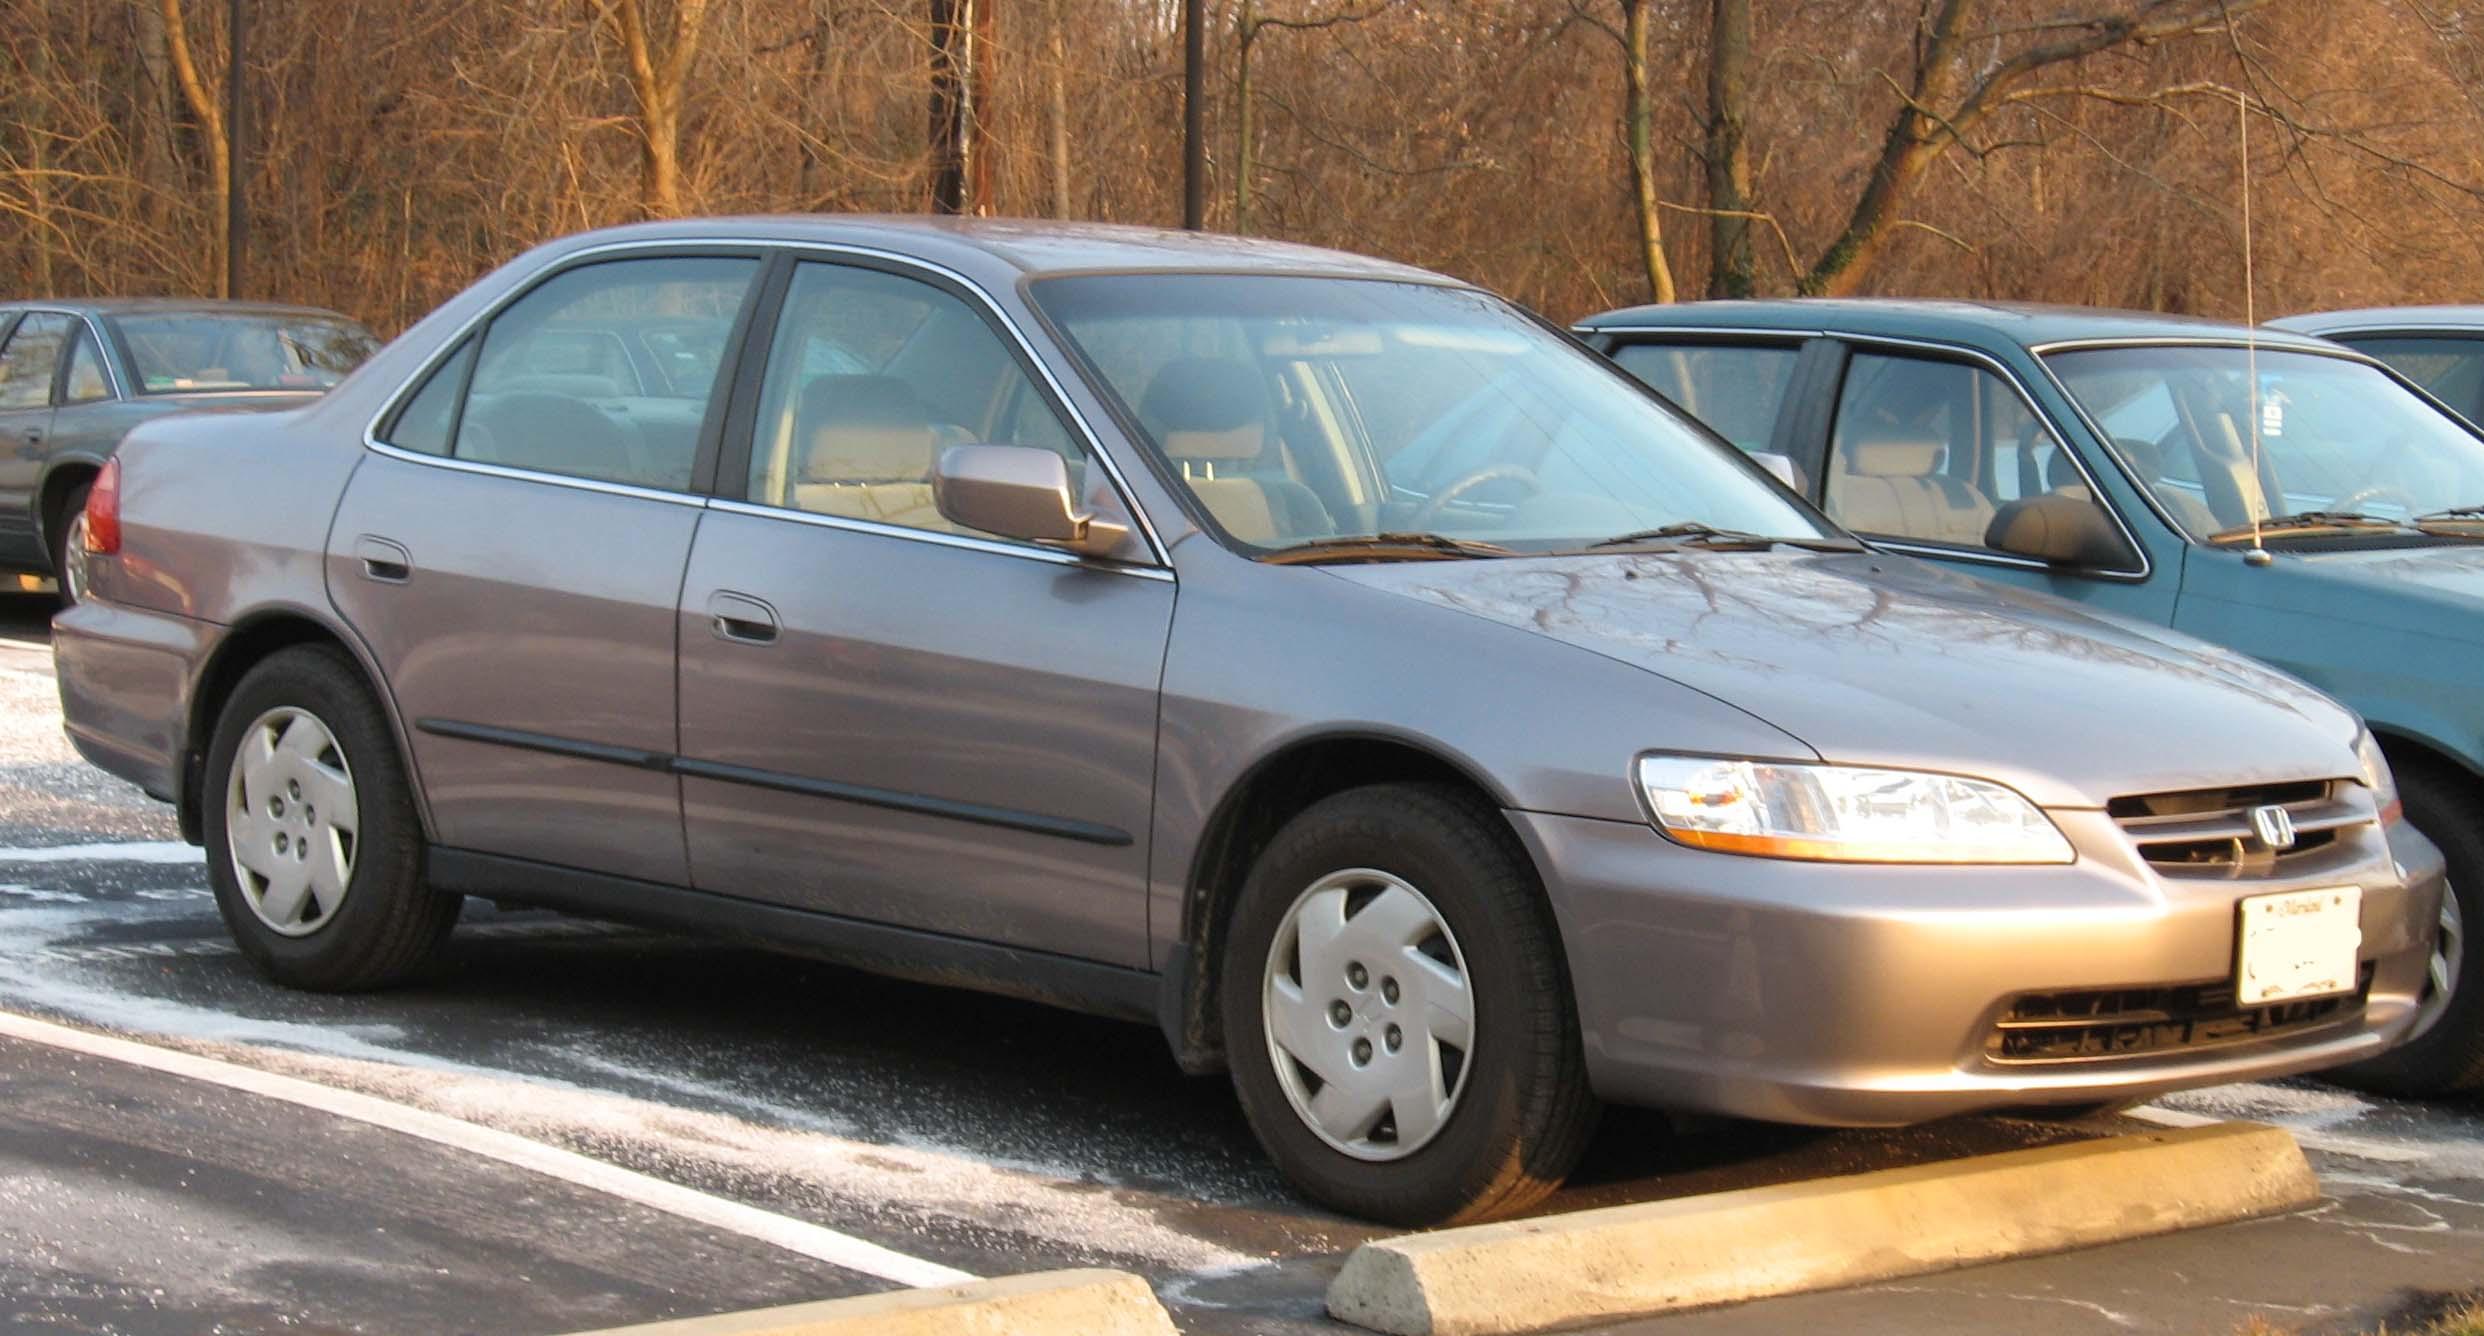 File:1998-00 Honda Accord sedan.jpg